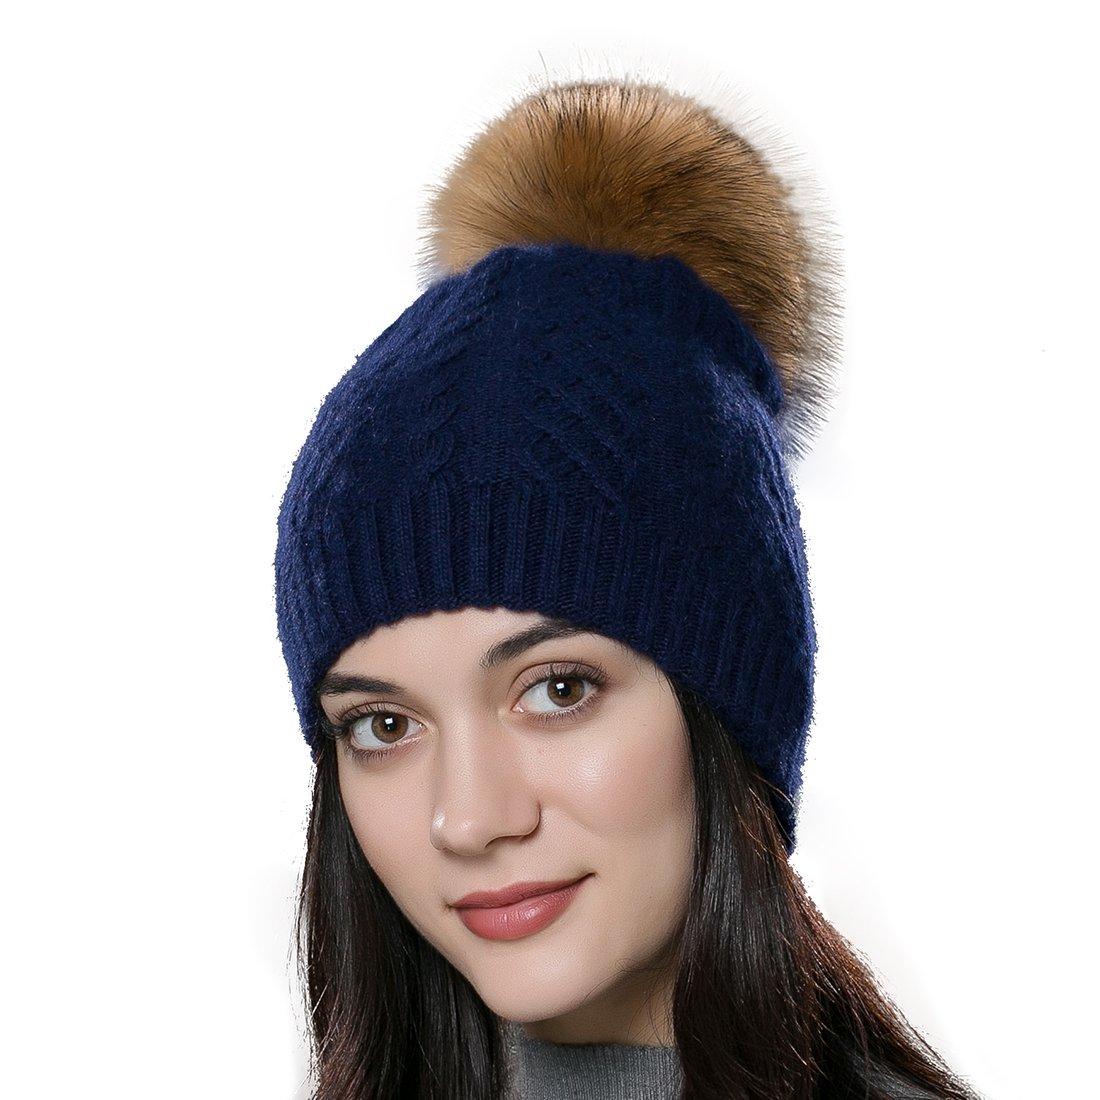 URSFUR Unisex gorra o pasamontaña de algodón con pompón de pelo zorro genuino otoño y invierno .Ltd. GCID-YQ-MX16001-Q-2